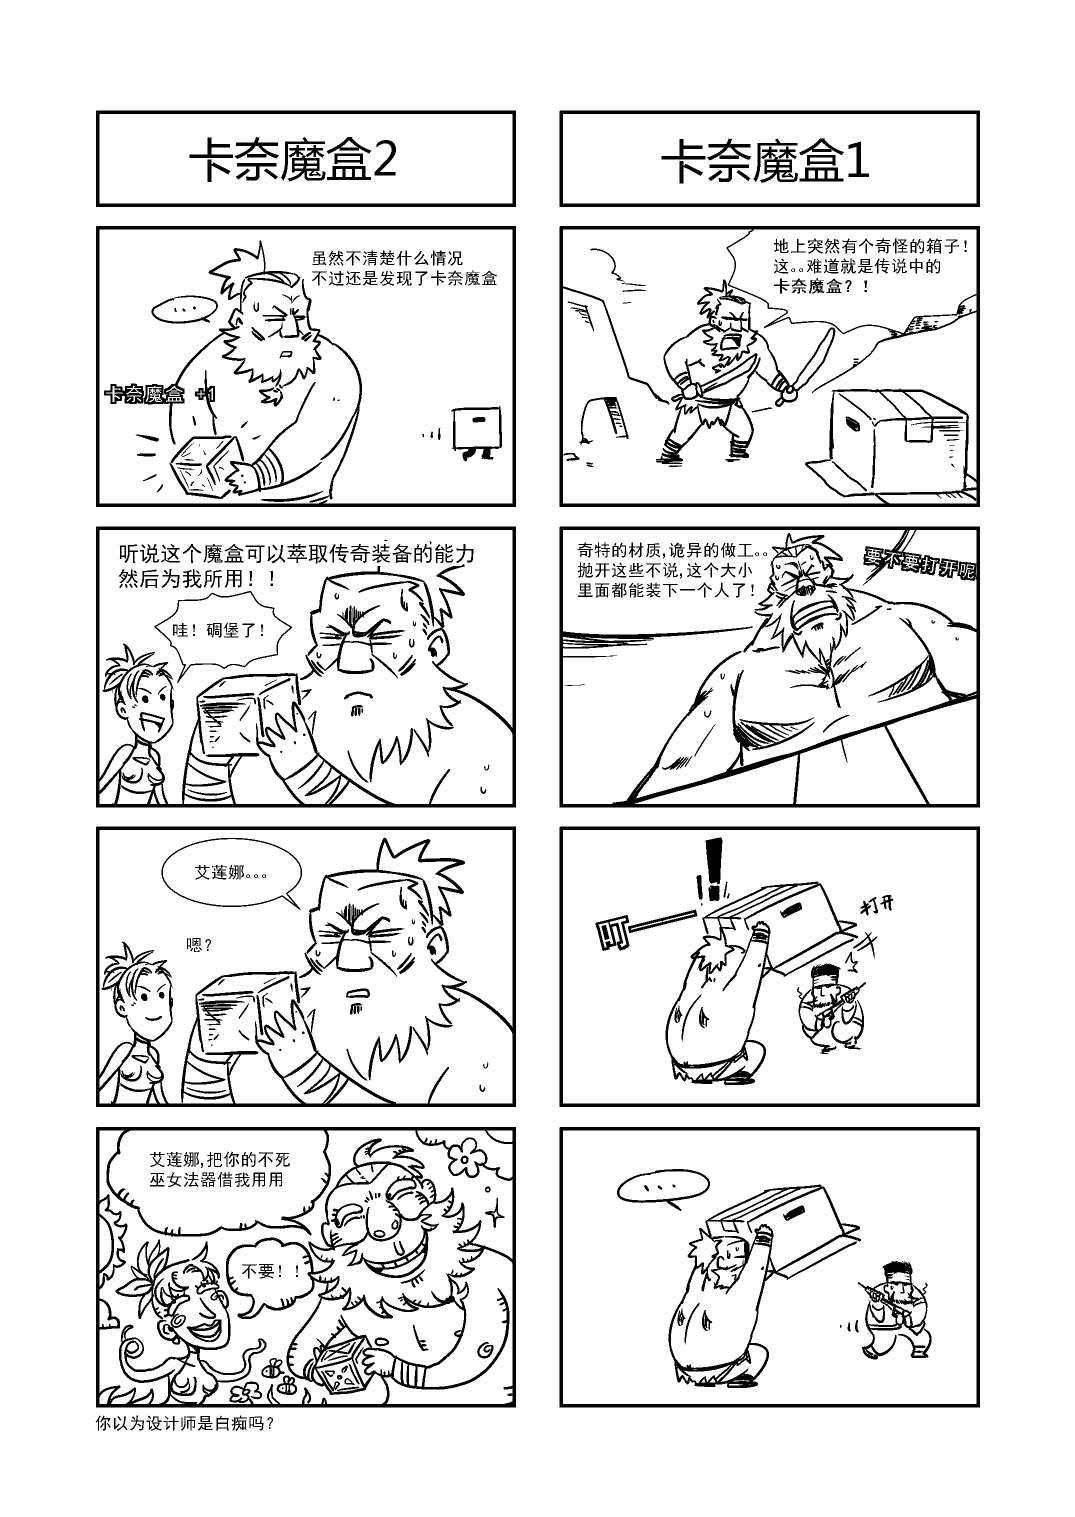 暗黑3玩家作品推荐:绿色小猪的四格漫画